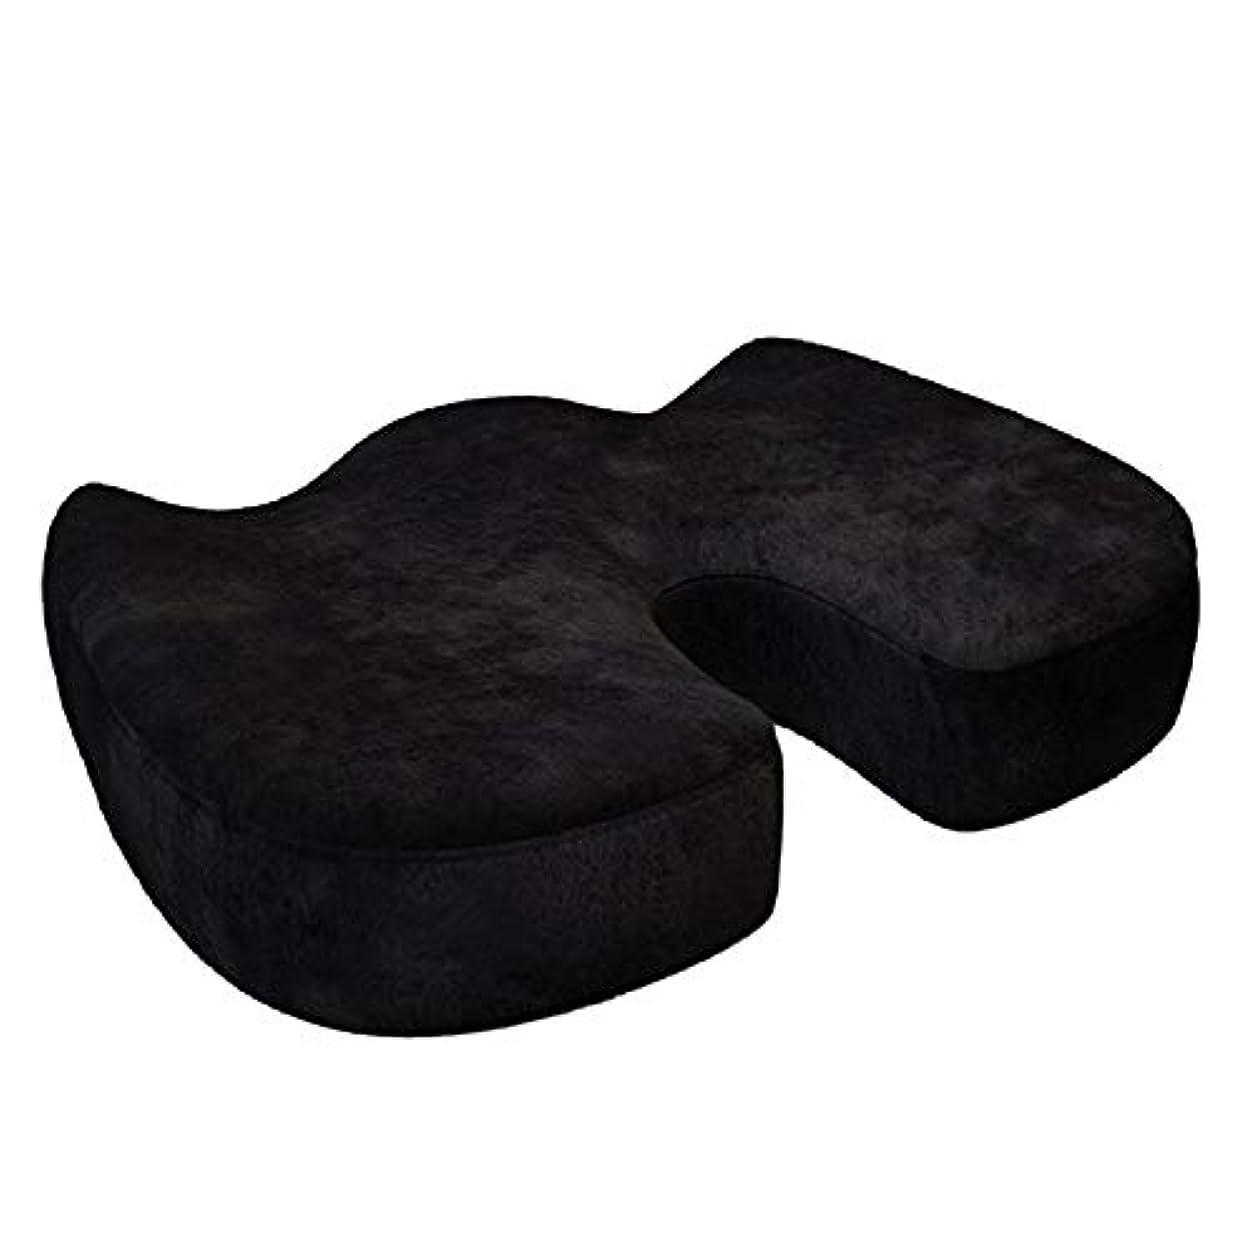 ネスト経済洗剤LIFE 整形外科枕シート低反発椅子オフィスクッション尾骨 クッション 椅子